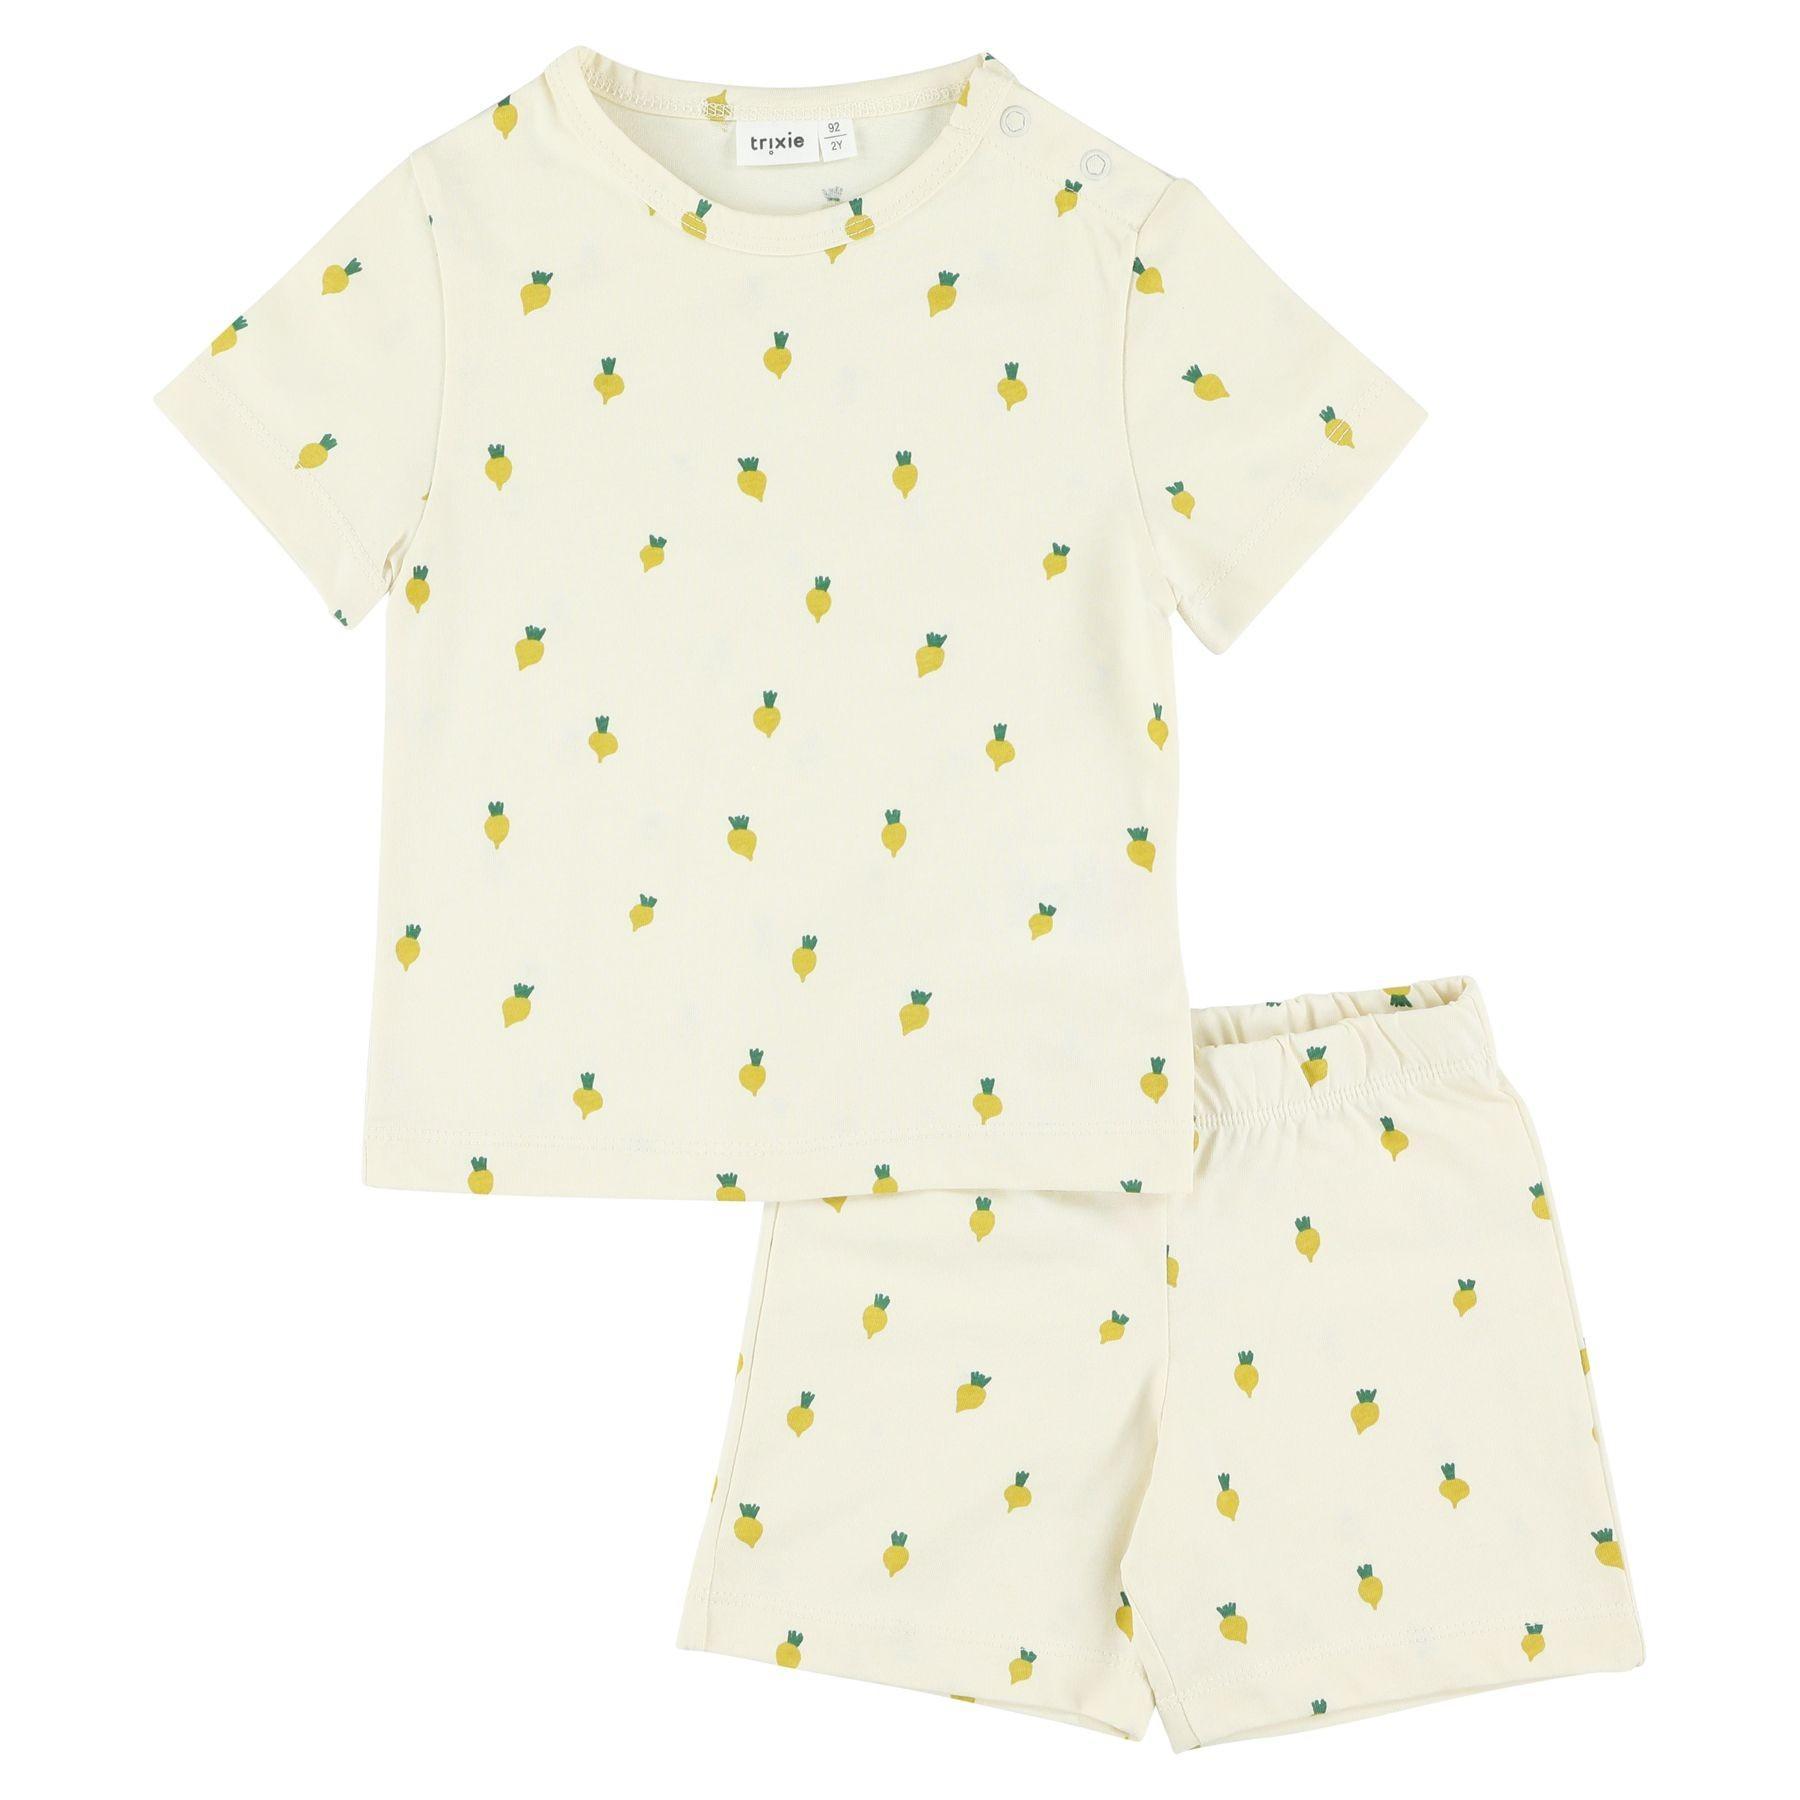 Trixie - 2-delige pyjama kort - Tiny Turnip - 8Y